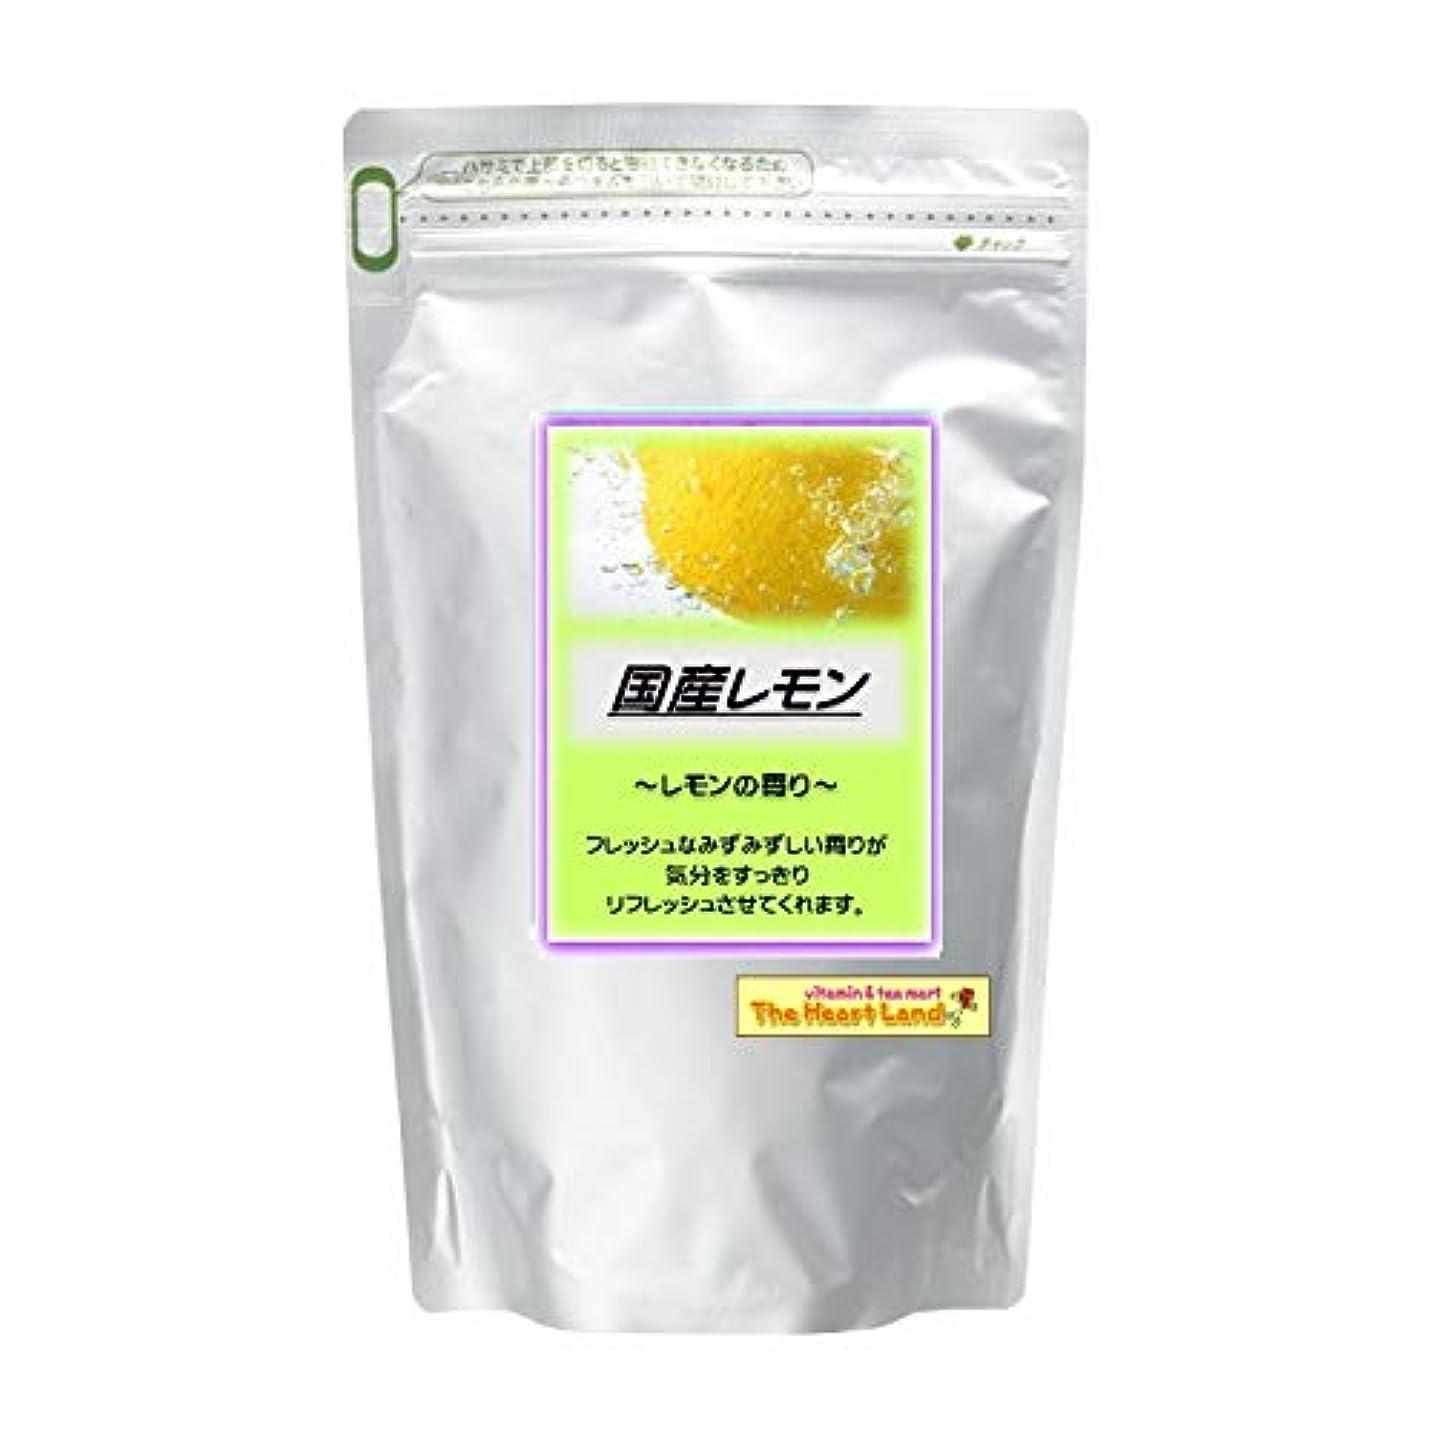 ホイールネックレス幾分アサヒ入浴剤 浴用入浴化粧品 国産レモン 300g